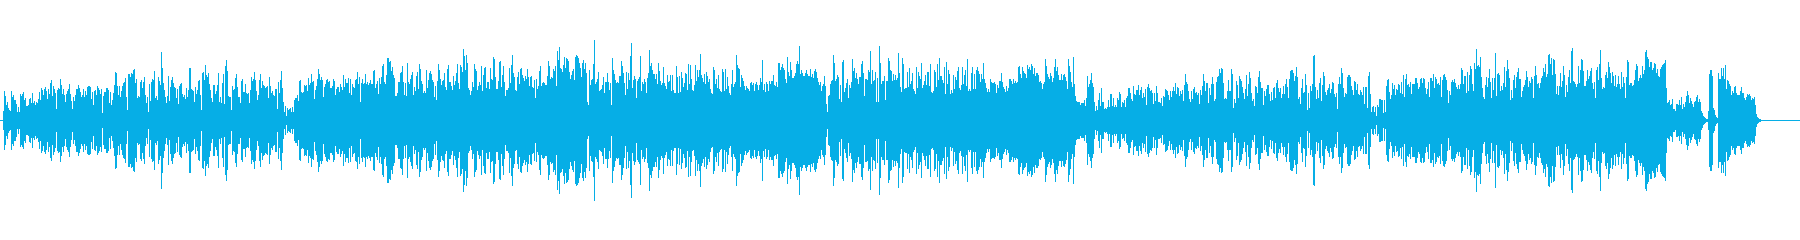 クラシカル風の気取ったイージーリスニングの再生済みの波形